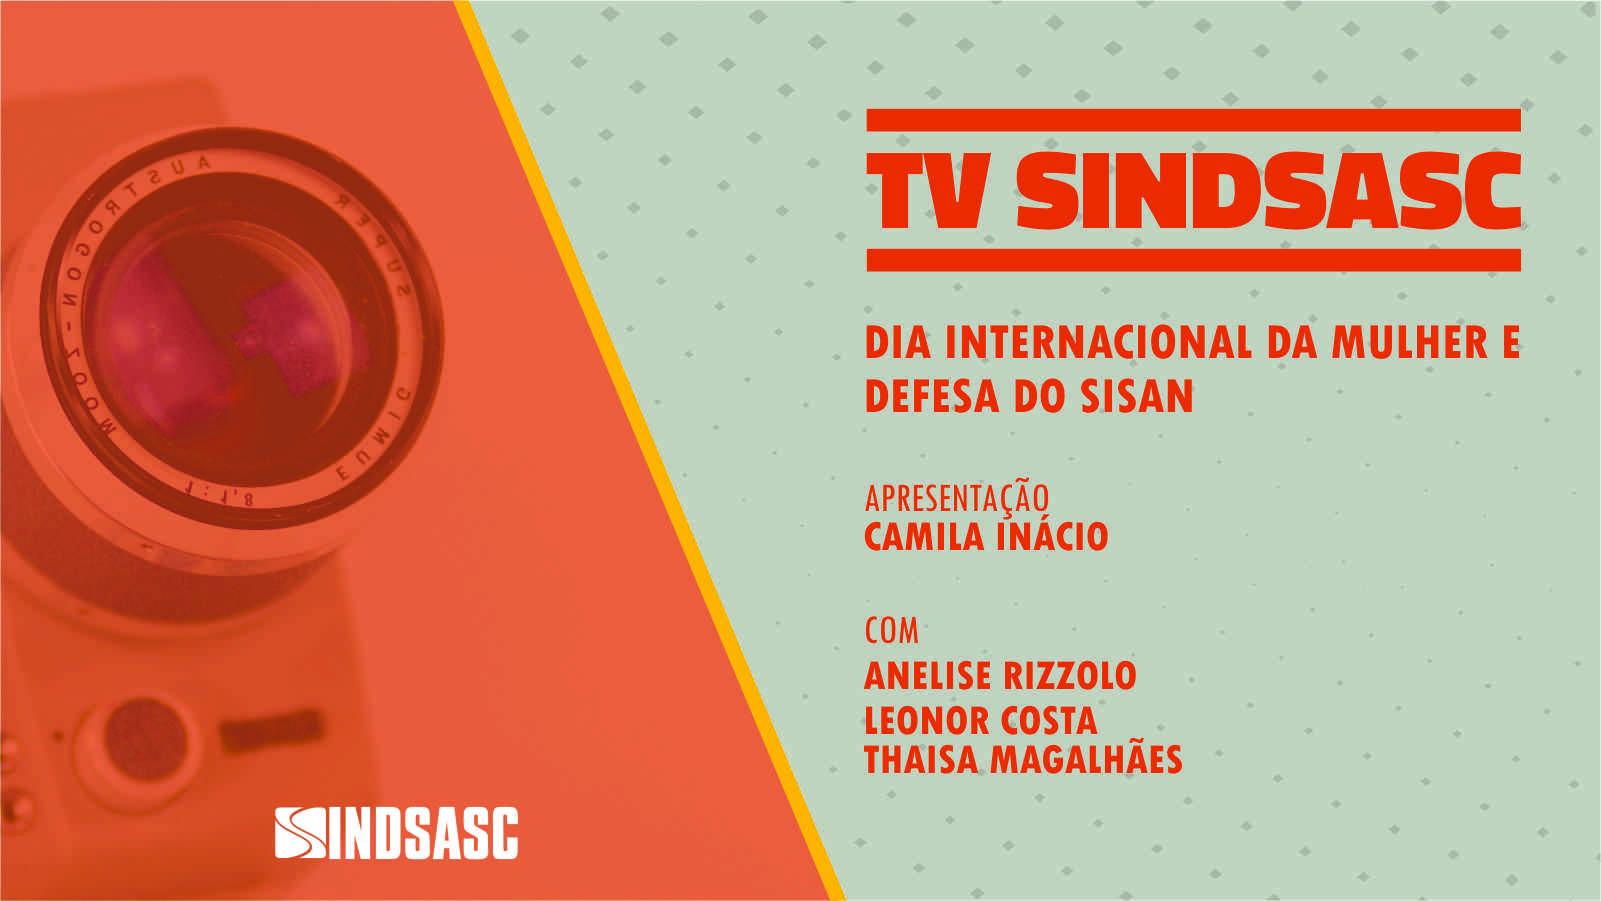 Dia Internacional da Mulher e defesa do SISAN é tema do TV Sindsasc